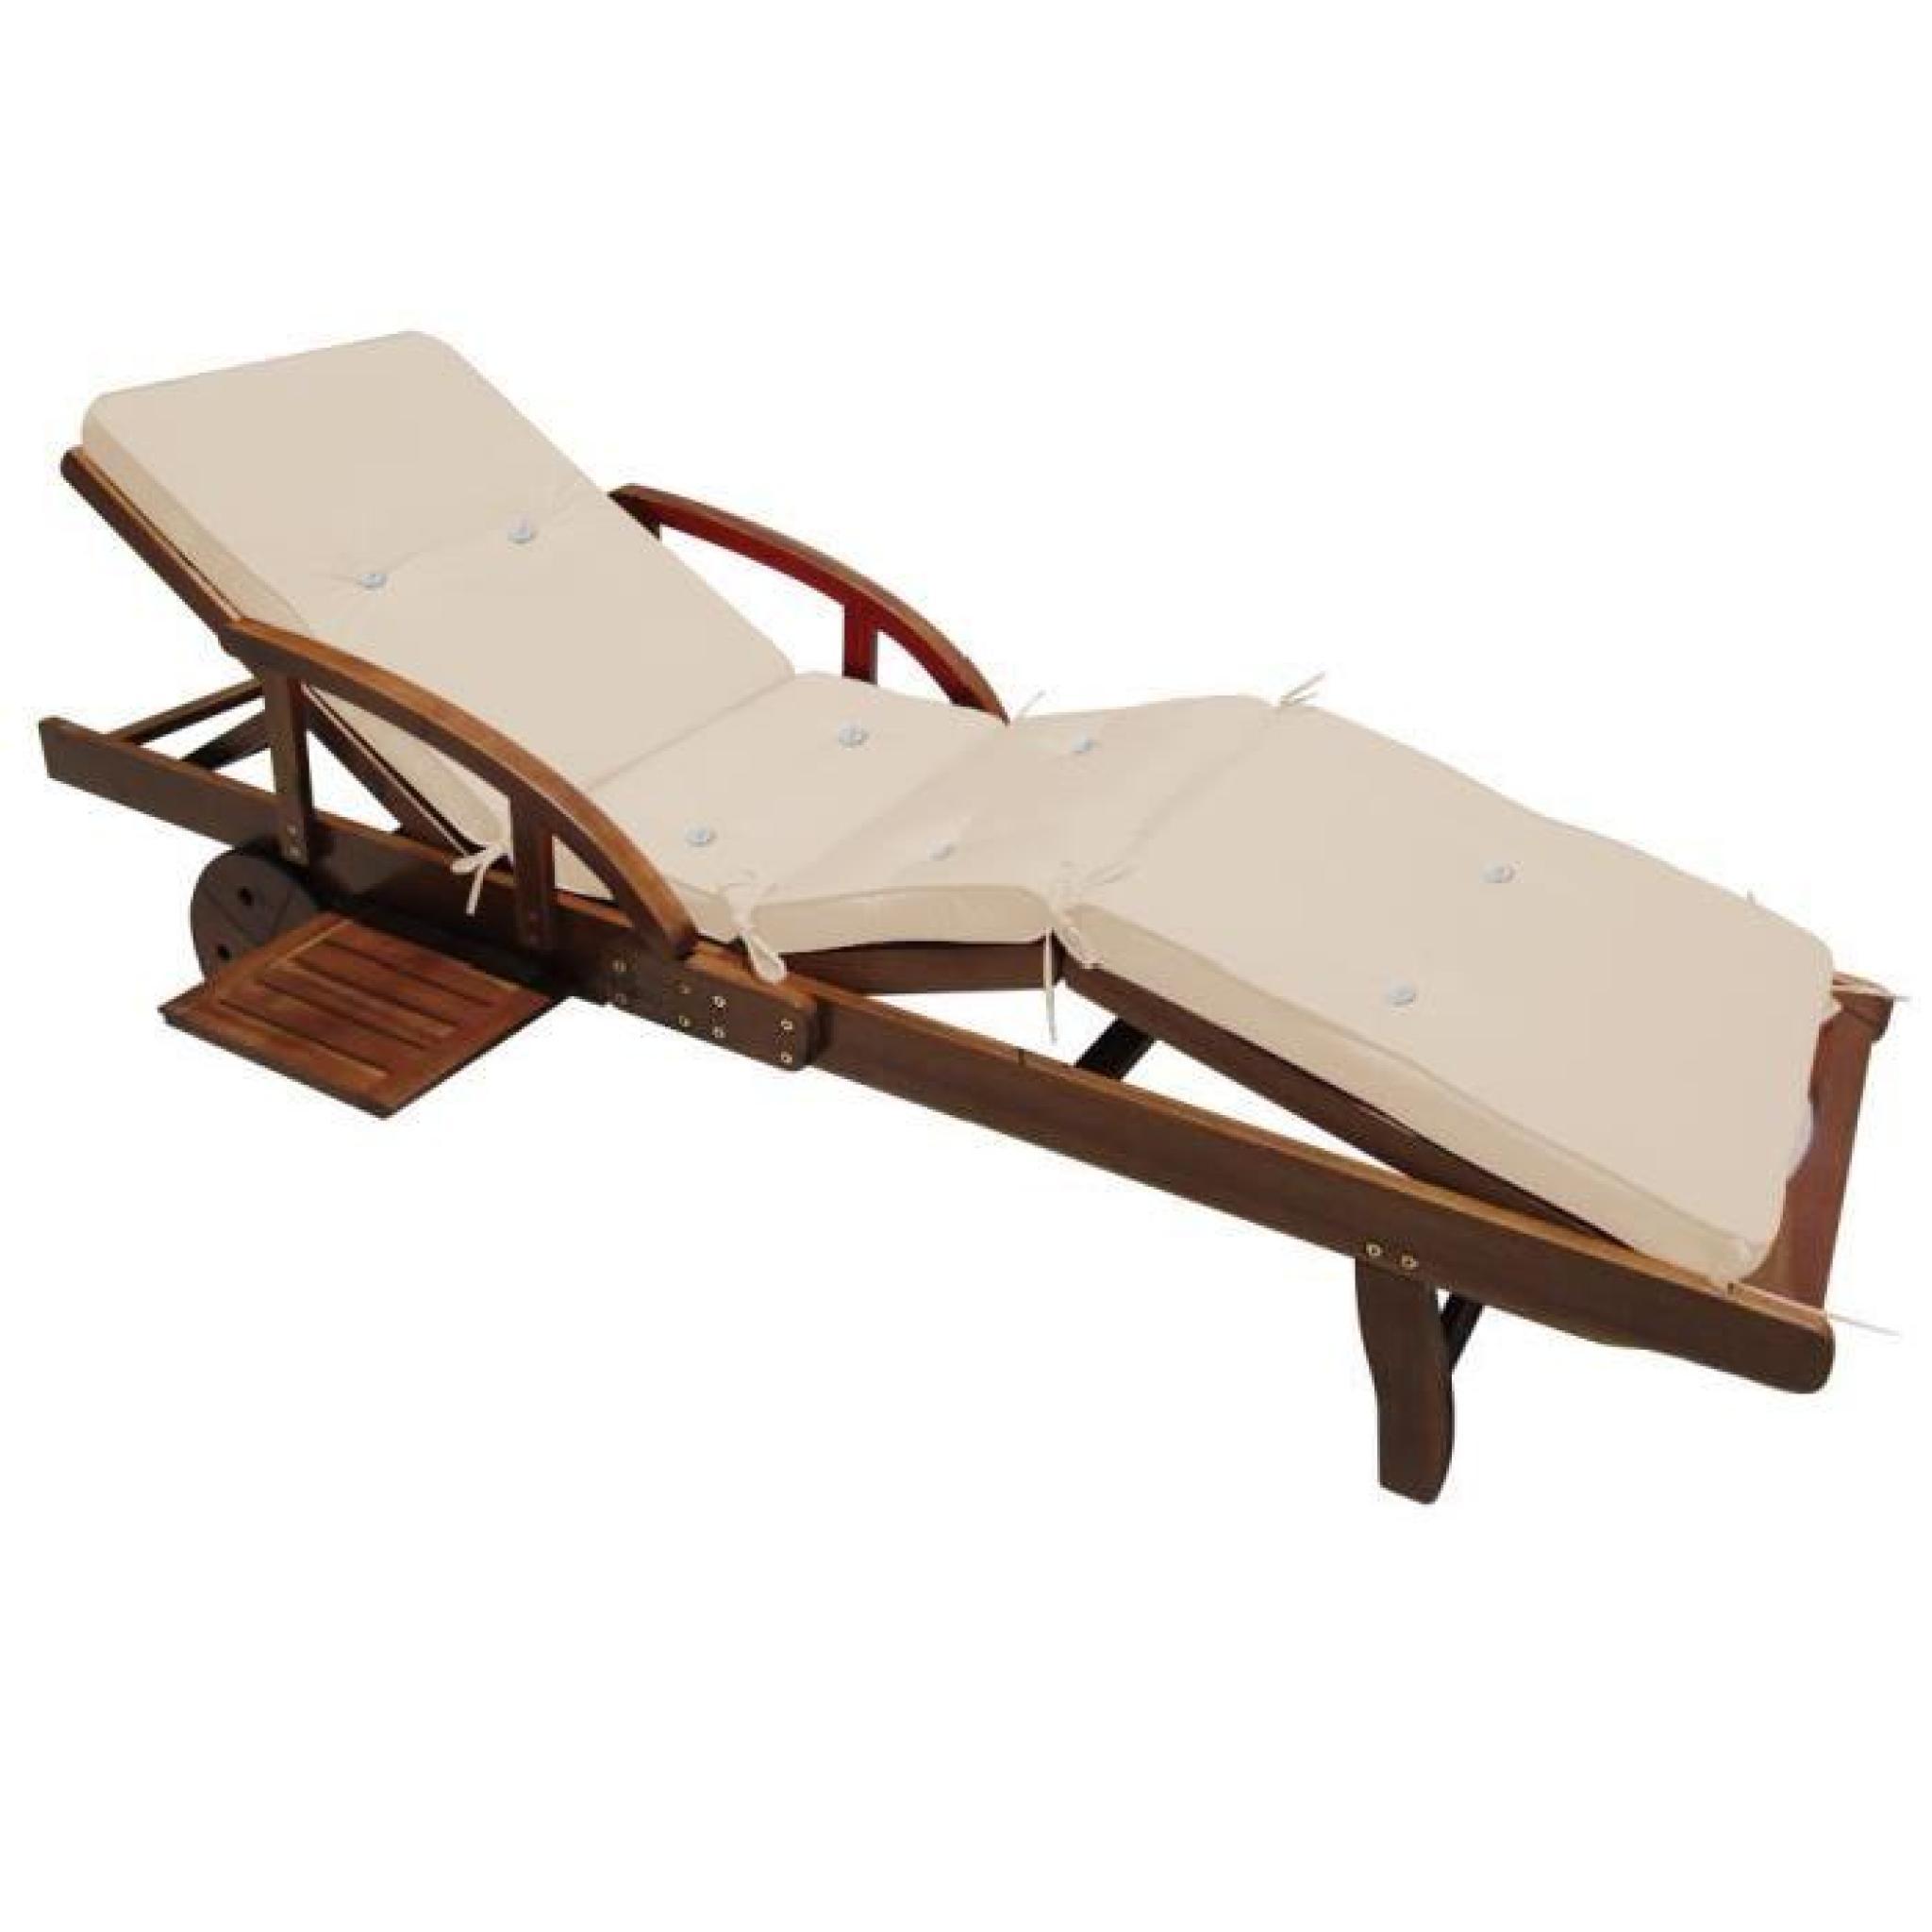 coussin pour chaise longue cr me 195 cm achat vente. Black Bedroom Furniture Sets. Home Design Ideas